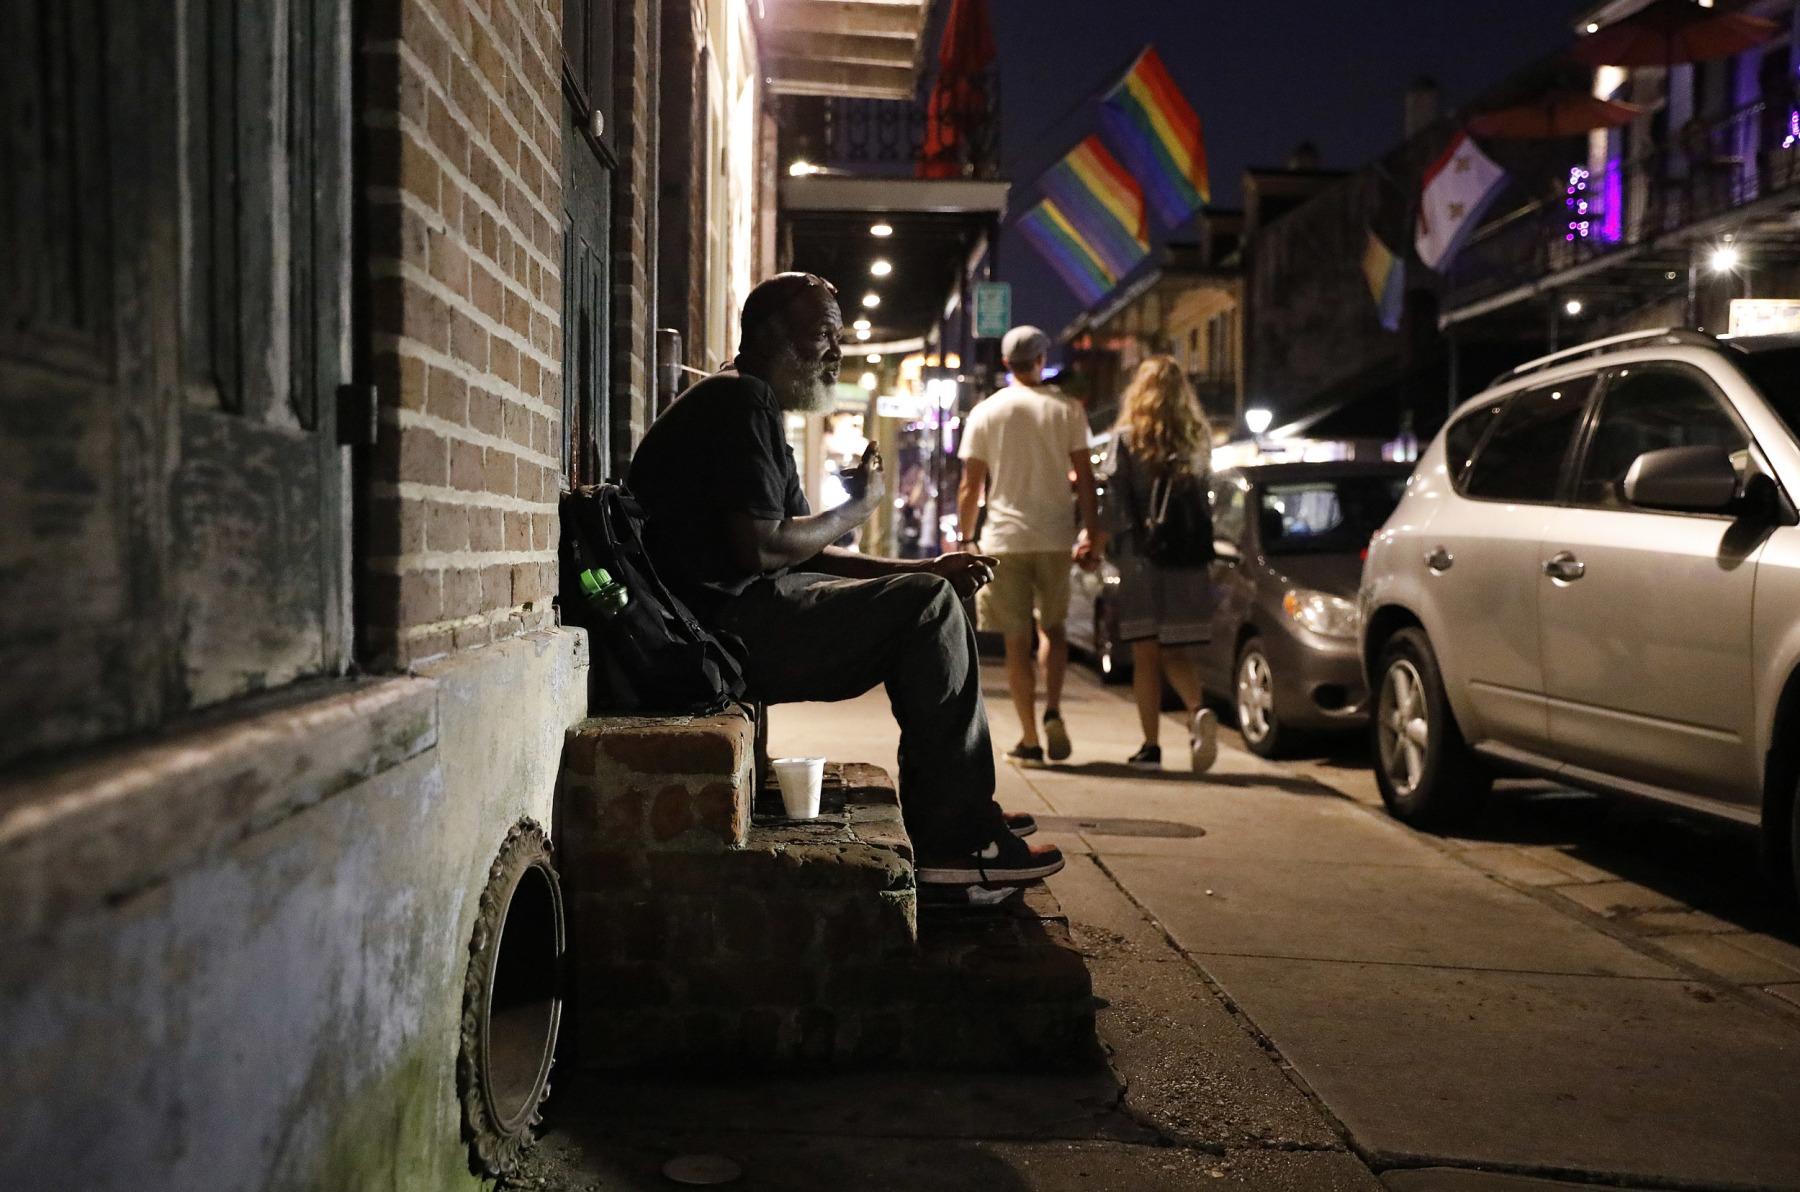 6010-0812_homeless_kg_002